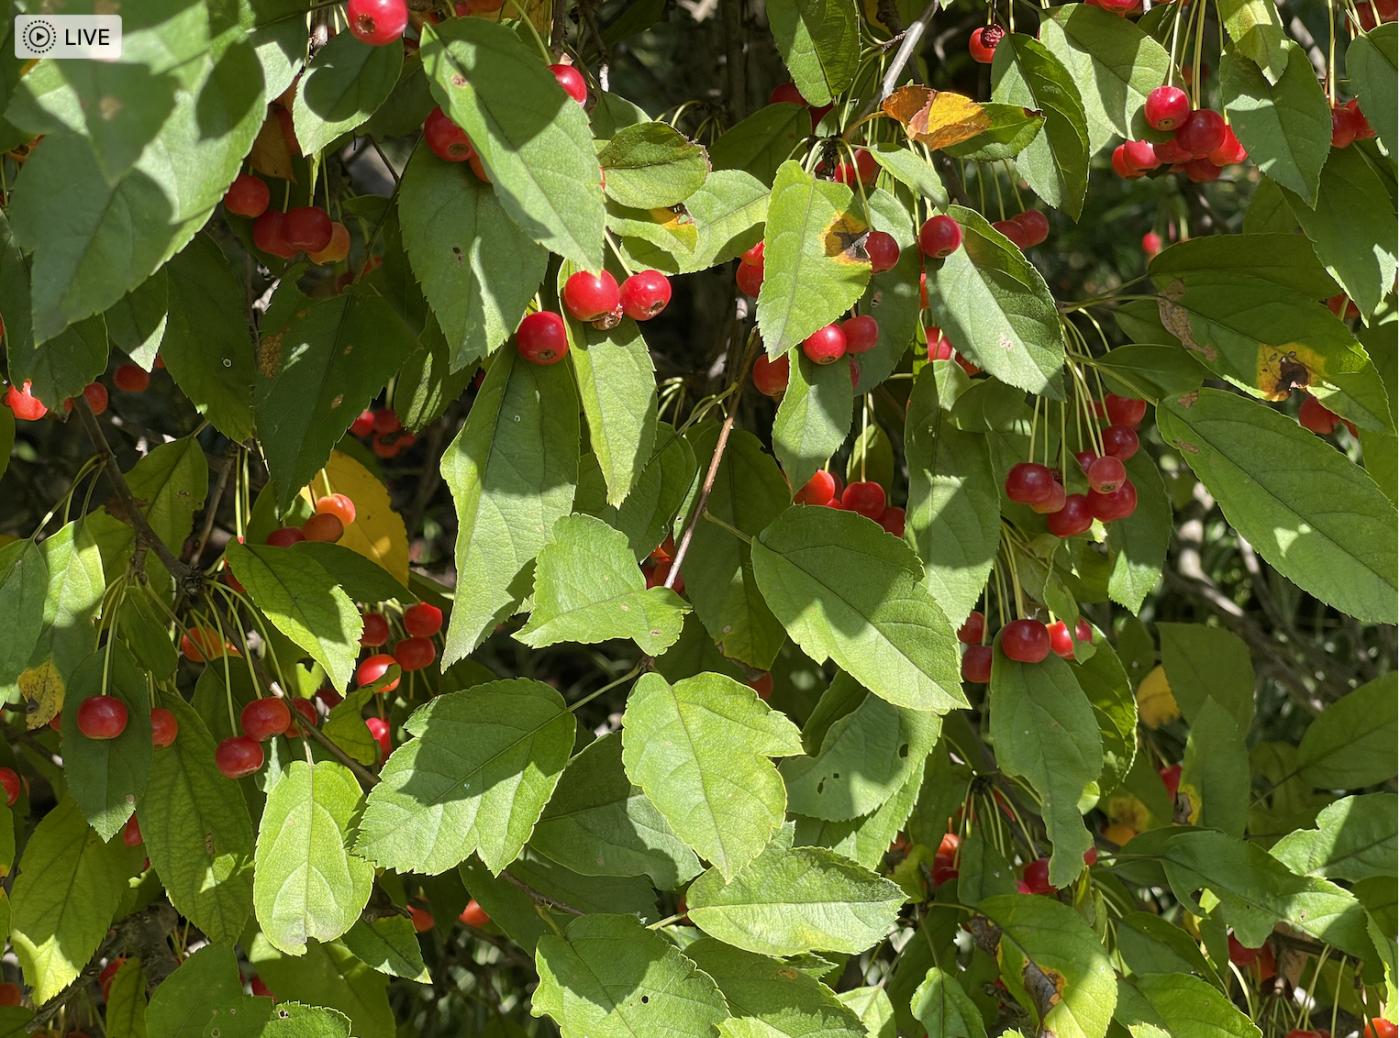 野花、家花、乐高花、苹果干、小龙_图1-8